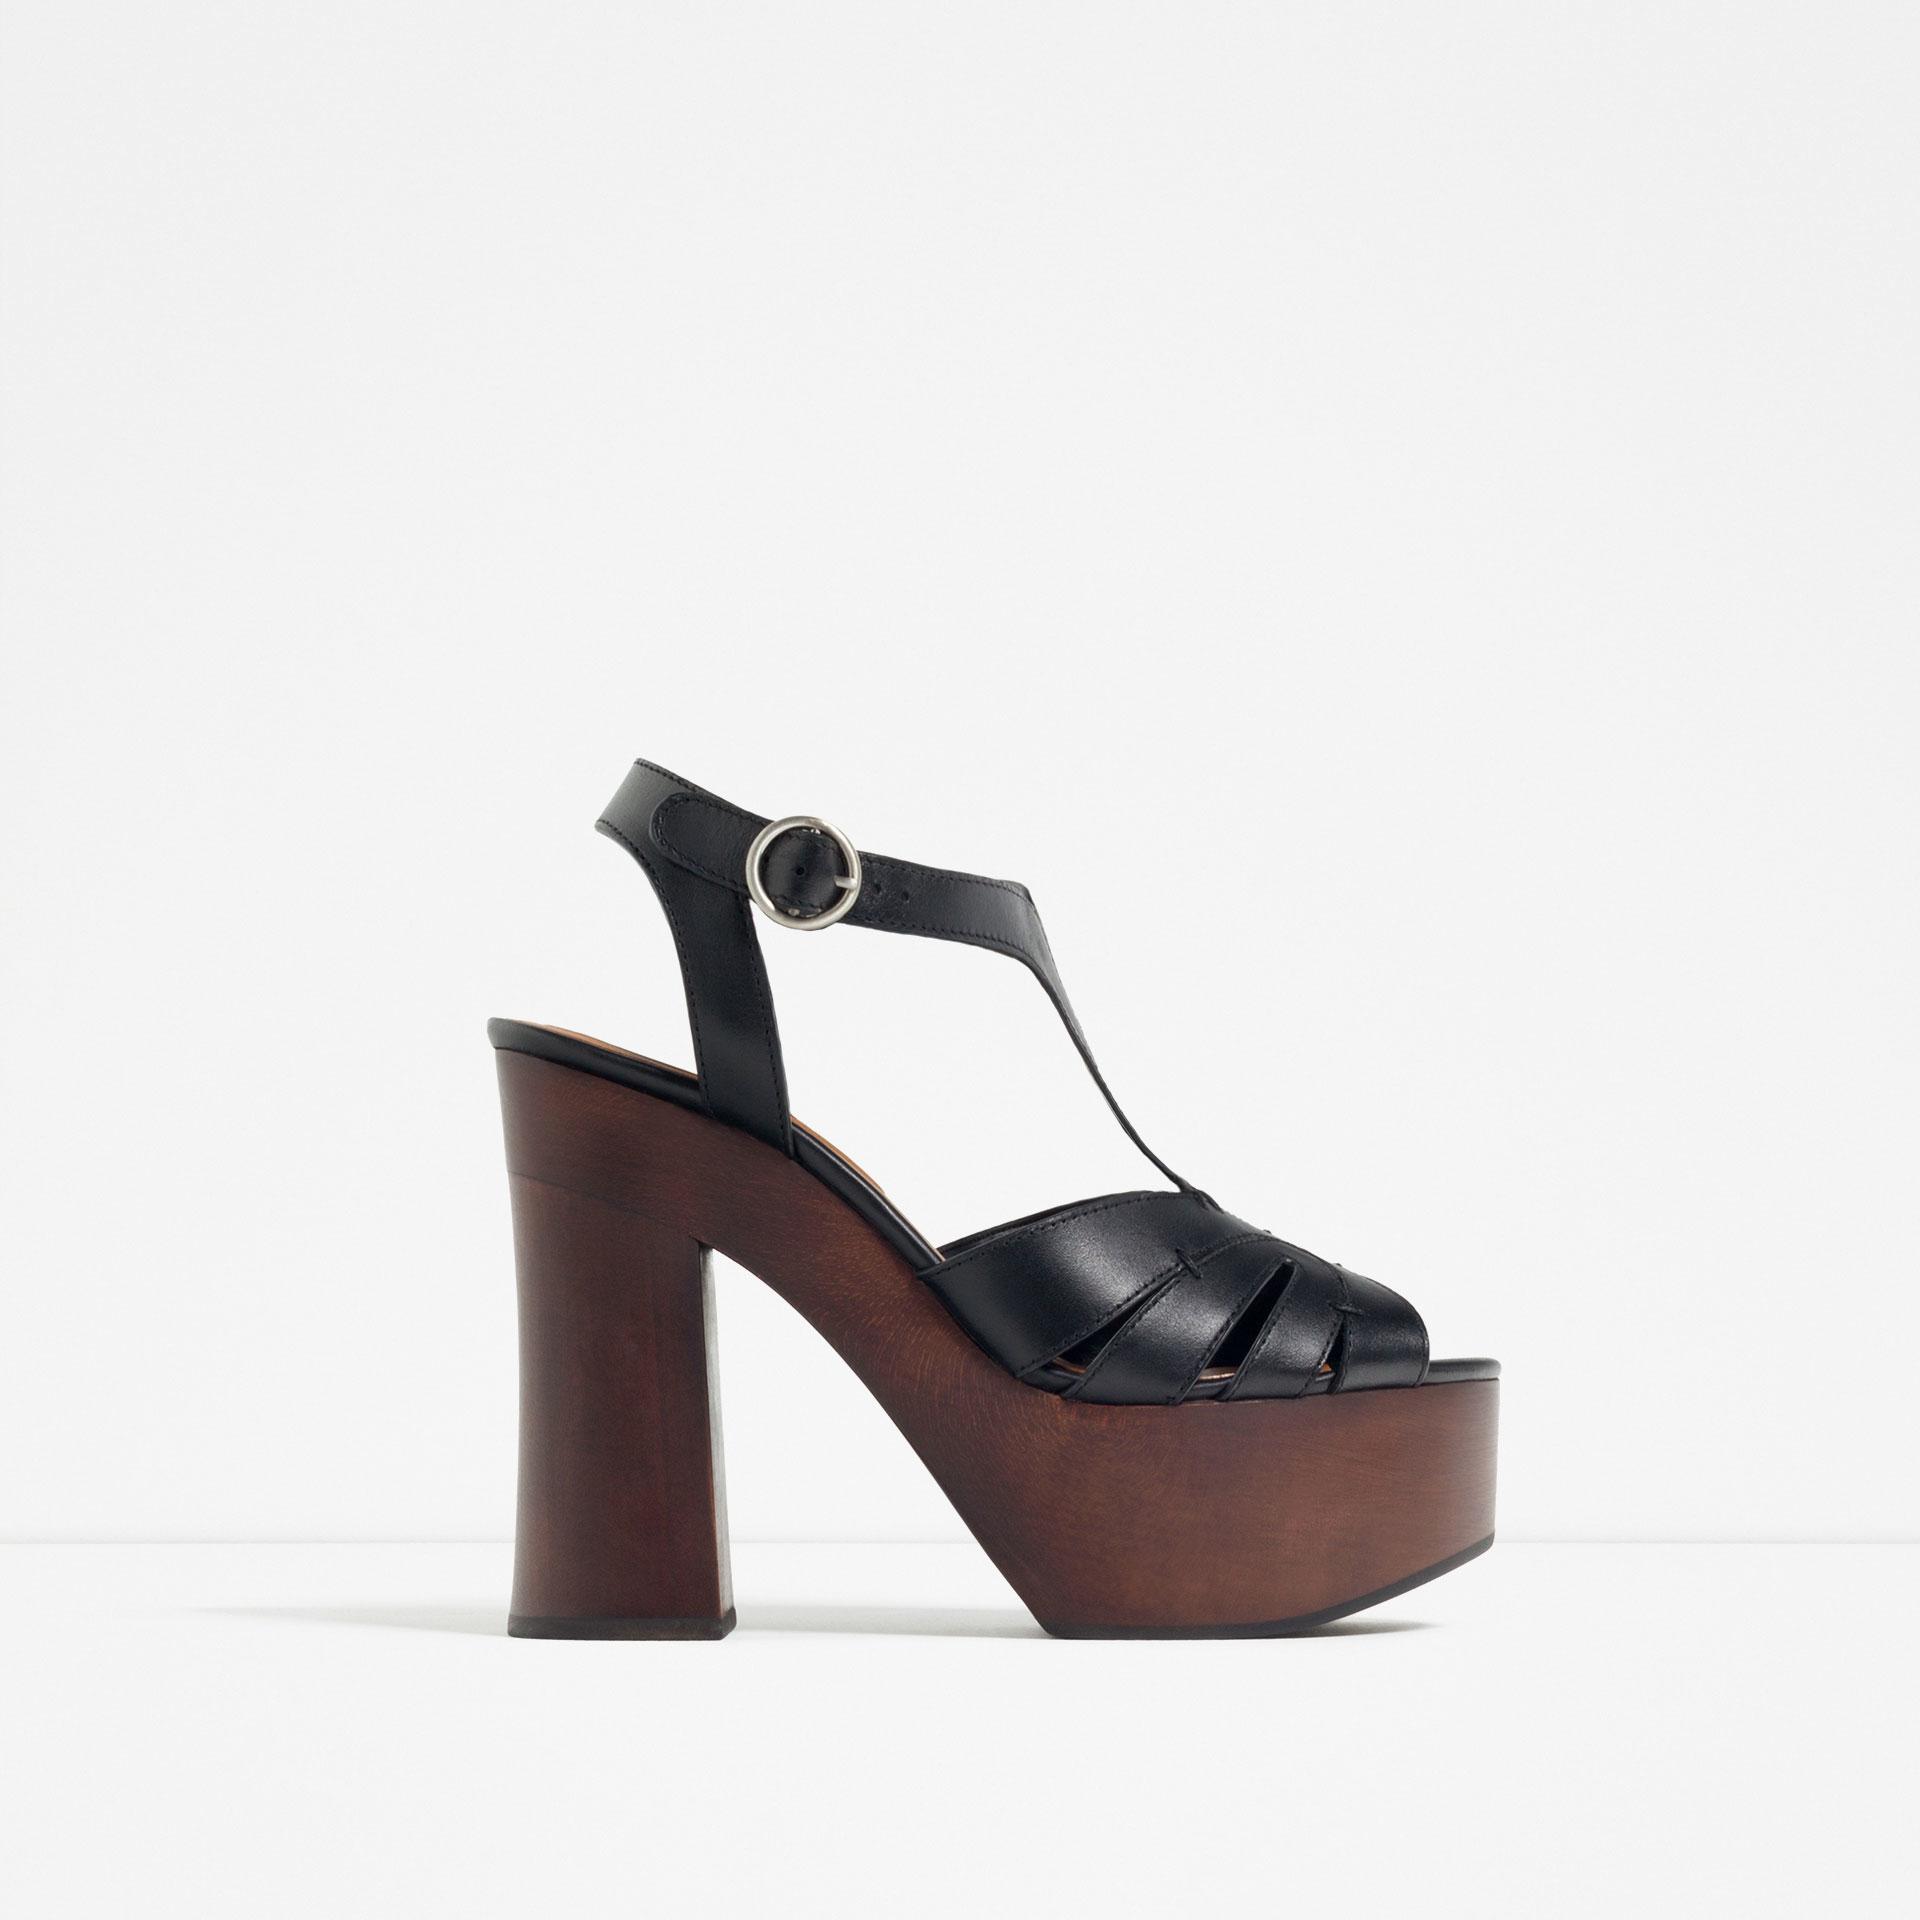 zara wooden platform leather sandals in black lyst